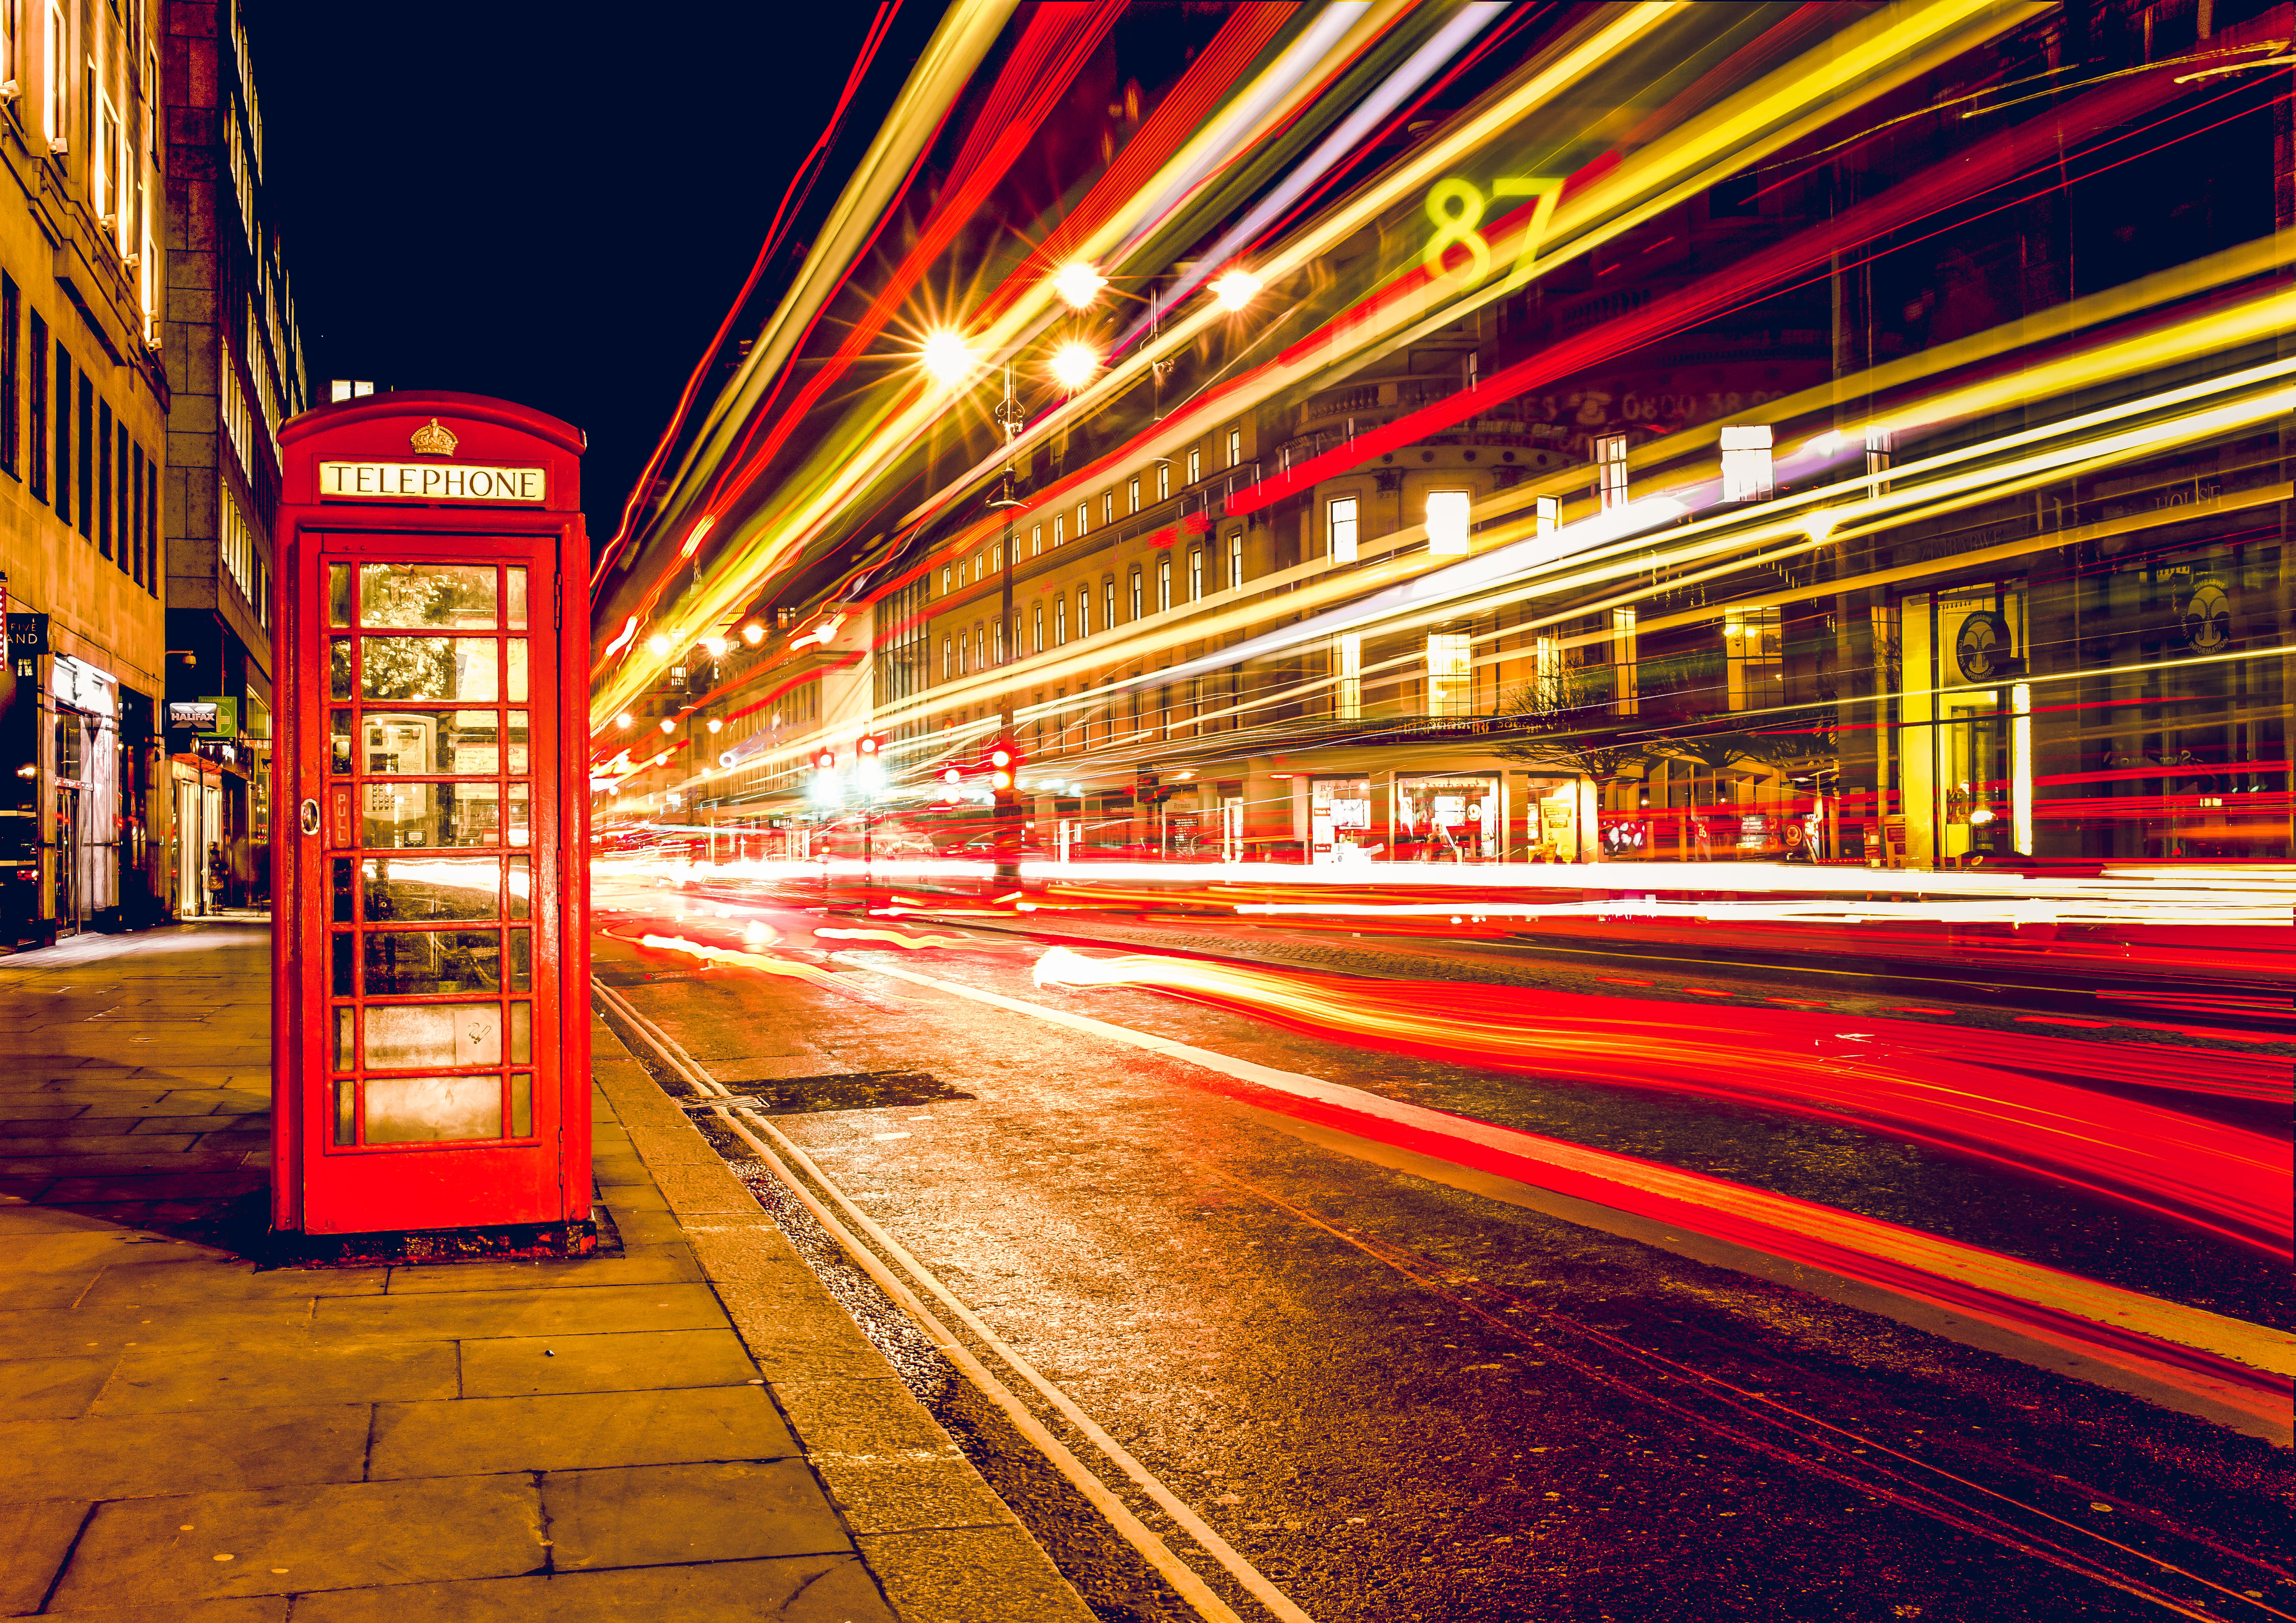 его лучшие картинки для фона телефона жителей города просто